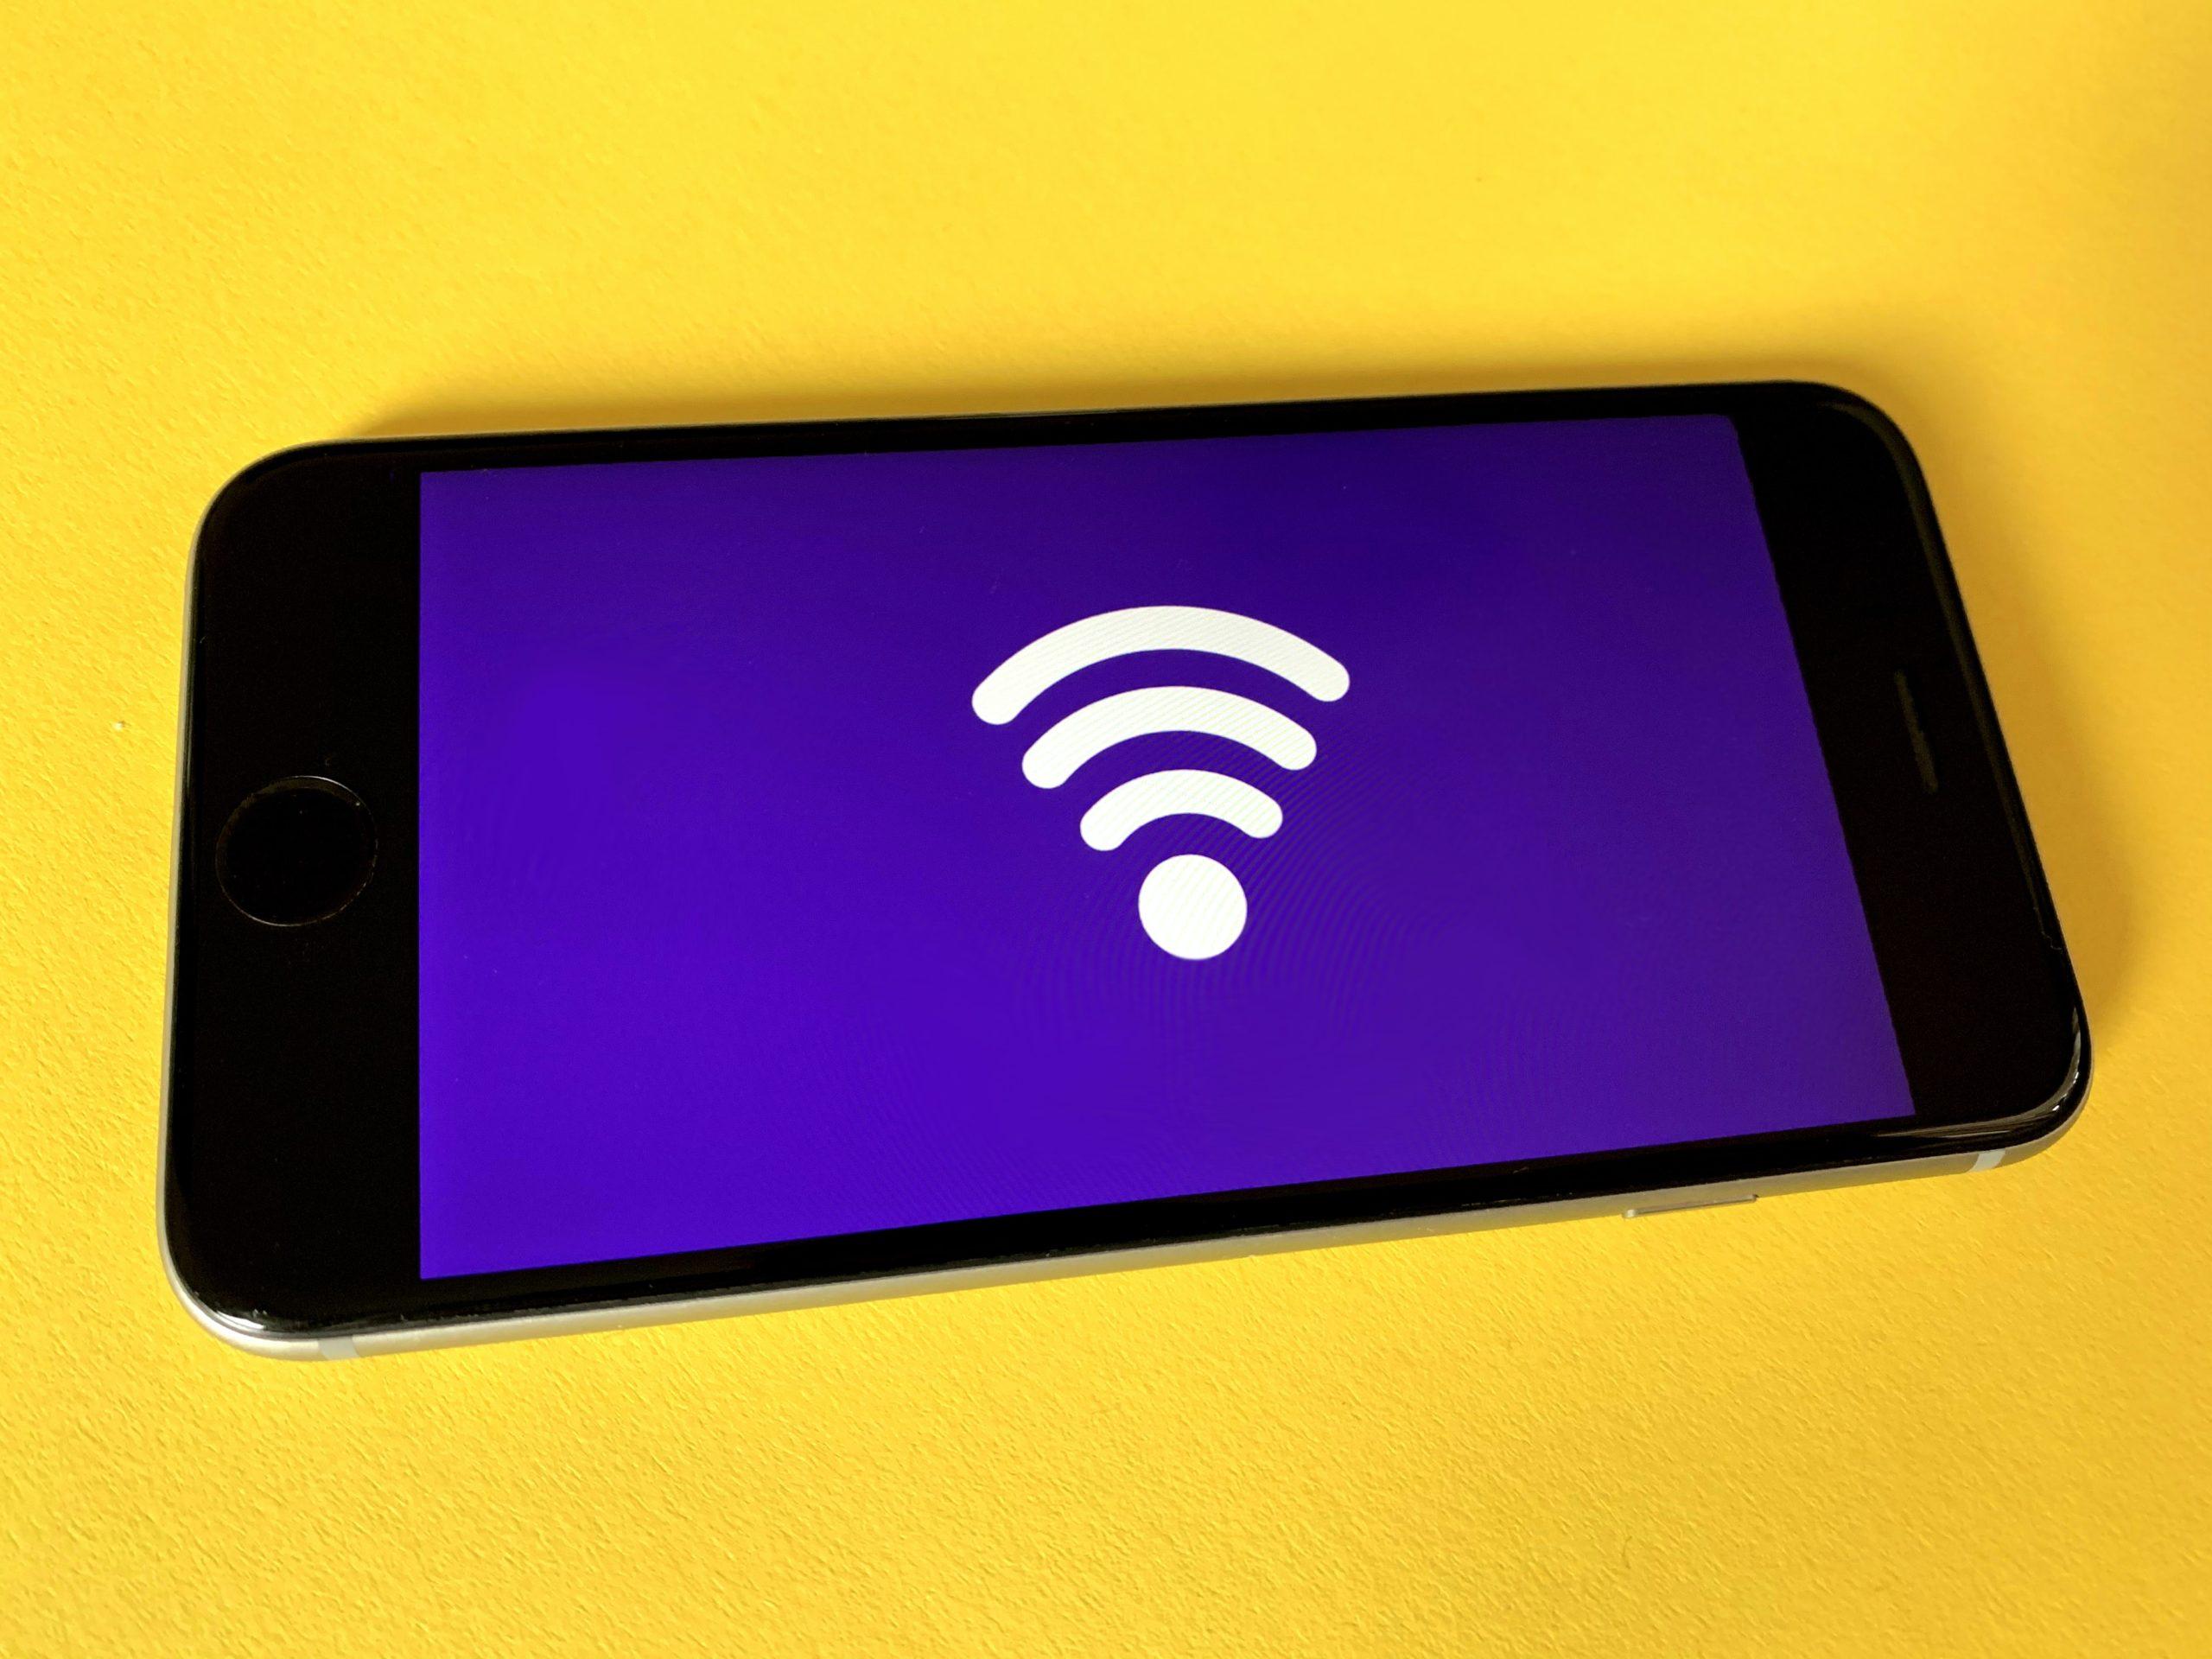 WLAN sicher einrichten: Die 5 besten Tipps für mehr Internet-Sicherheit